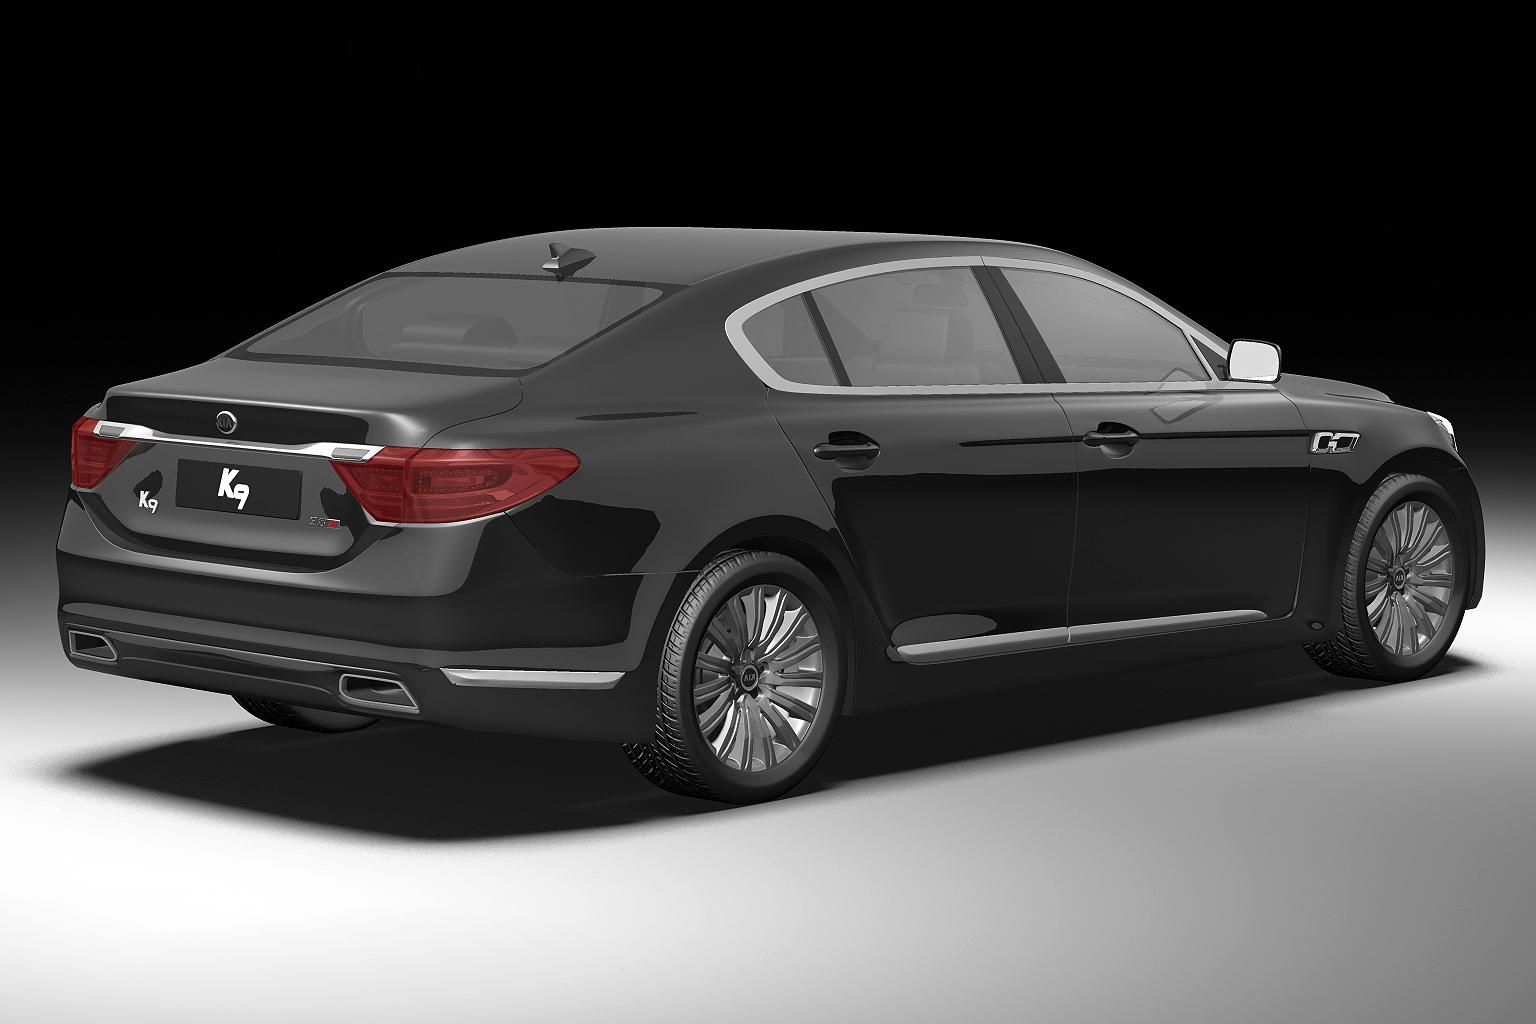 2012 kia k9 3d model 3ds max fbx c4d lwo hrc xsi obj 136301